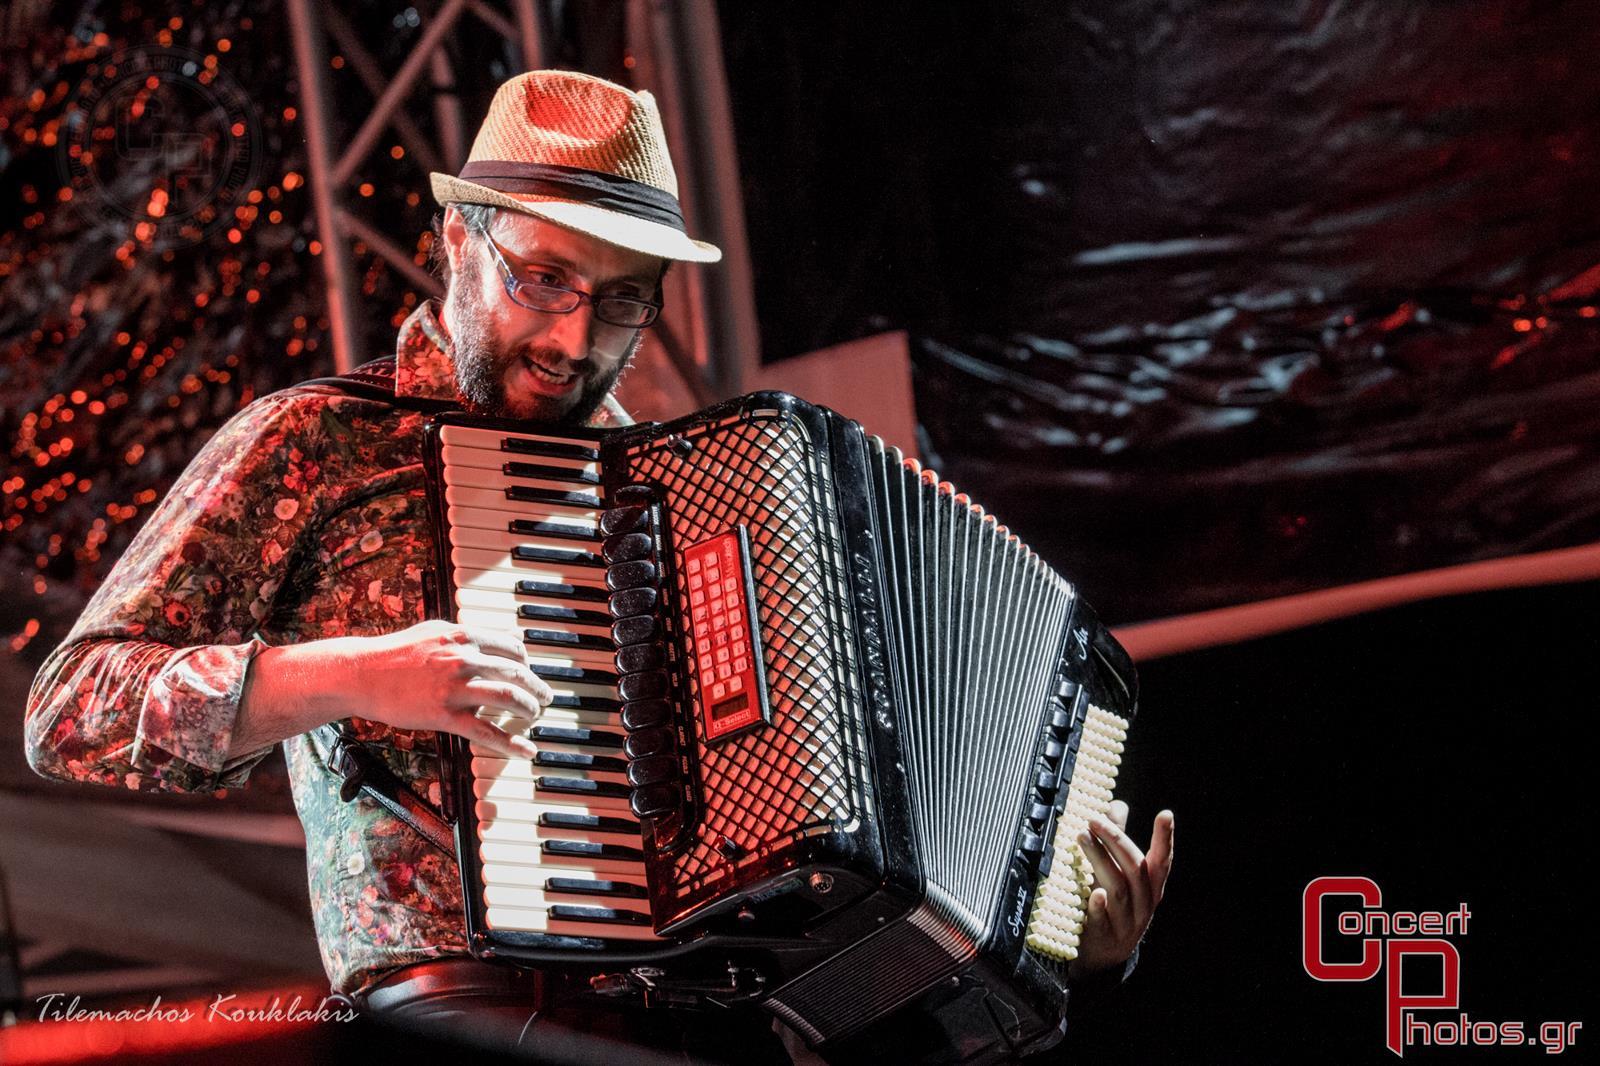 Μία συναυλία για τη Σχεδία 2014-Sxedia 2014 photographer:  - concertphotos_20140530_20_13_32-2